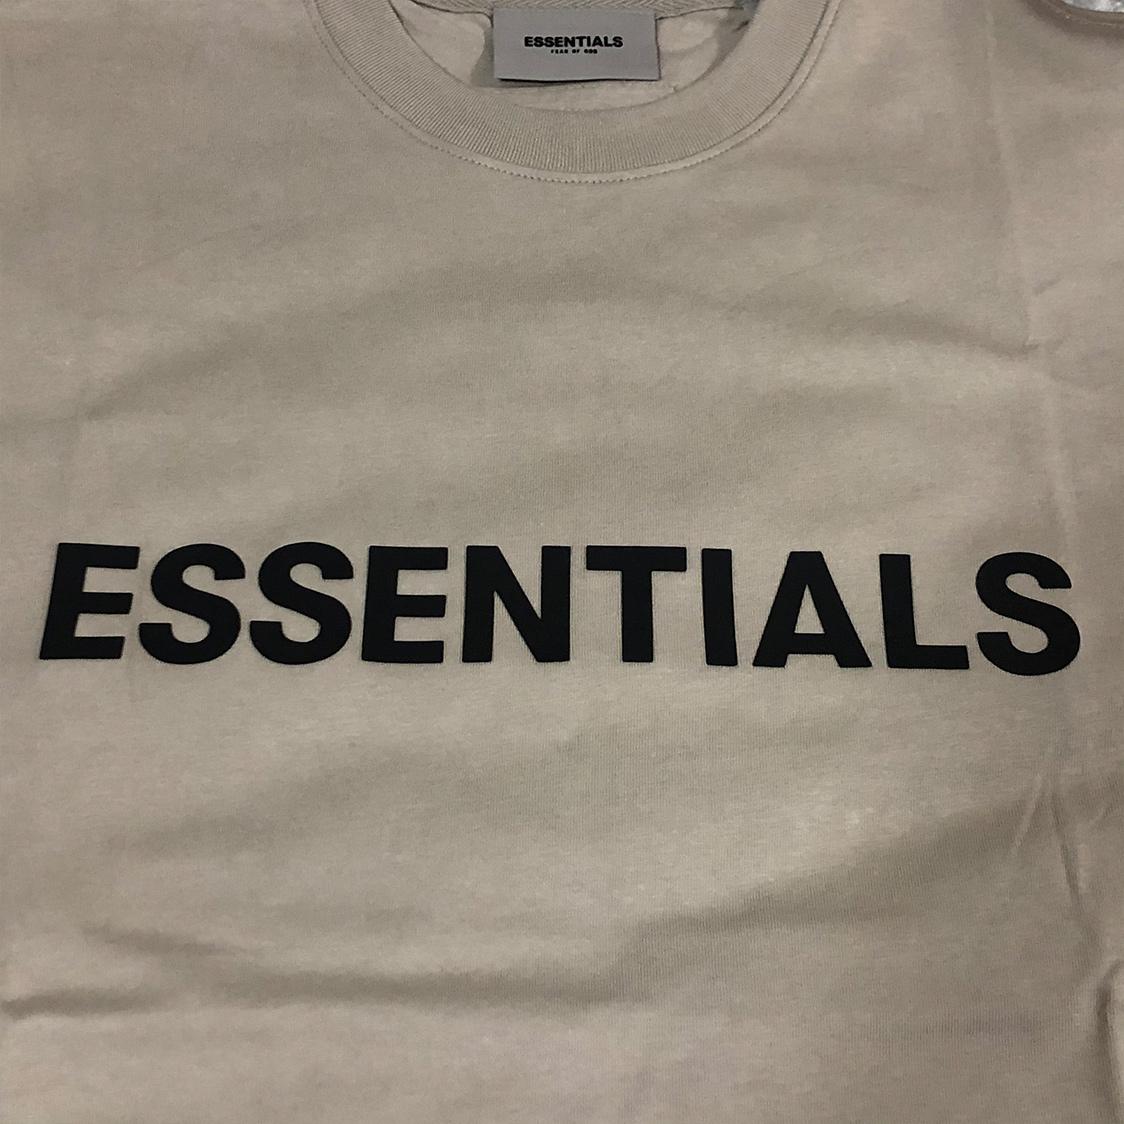 新作 新品 FOG Fear Of God Essentials フェアオブゴッド エッセンシャルズ 【Mサイズ】 LOGO TEE Tシャツ 半袖 エッセンシャル TAN タン フォグ